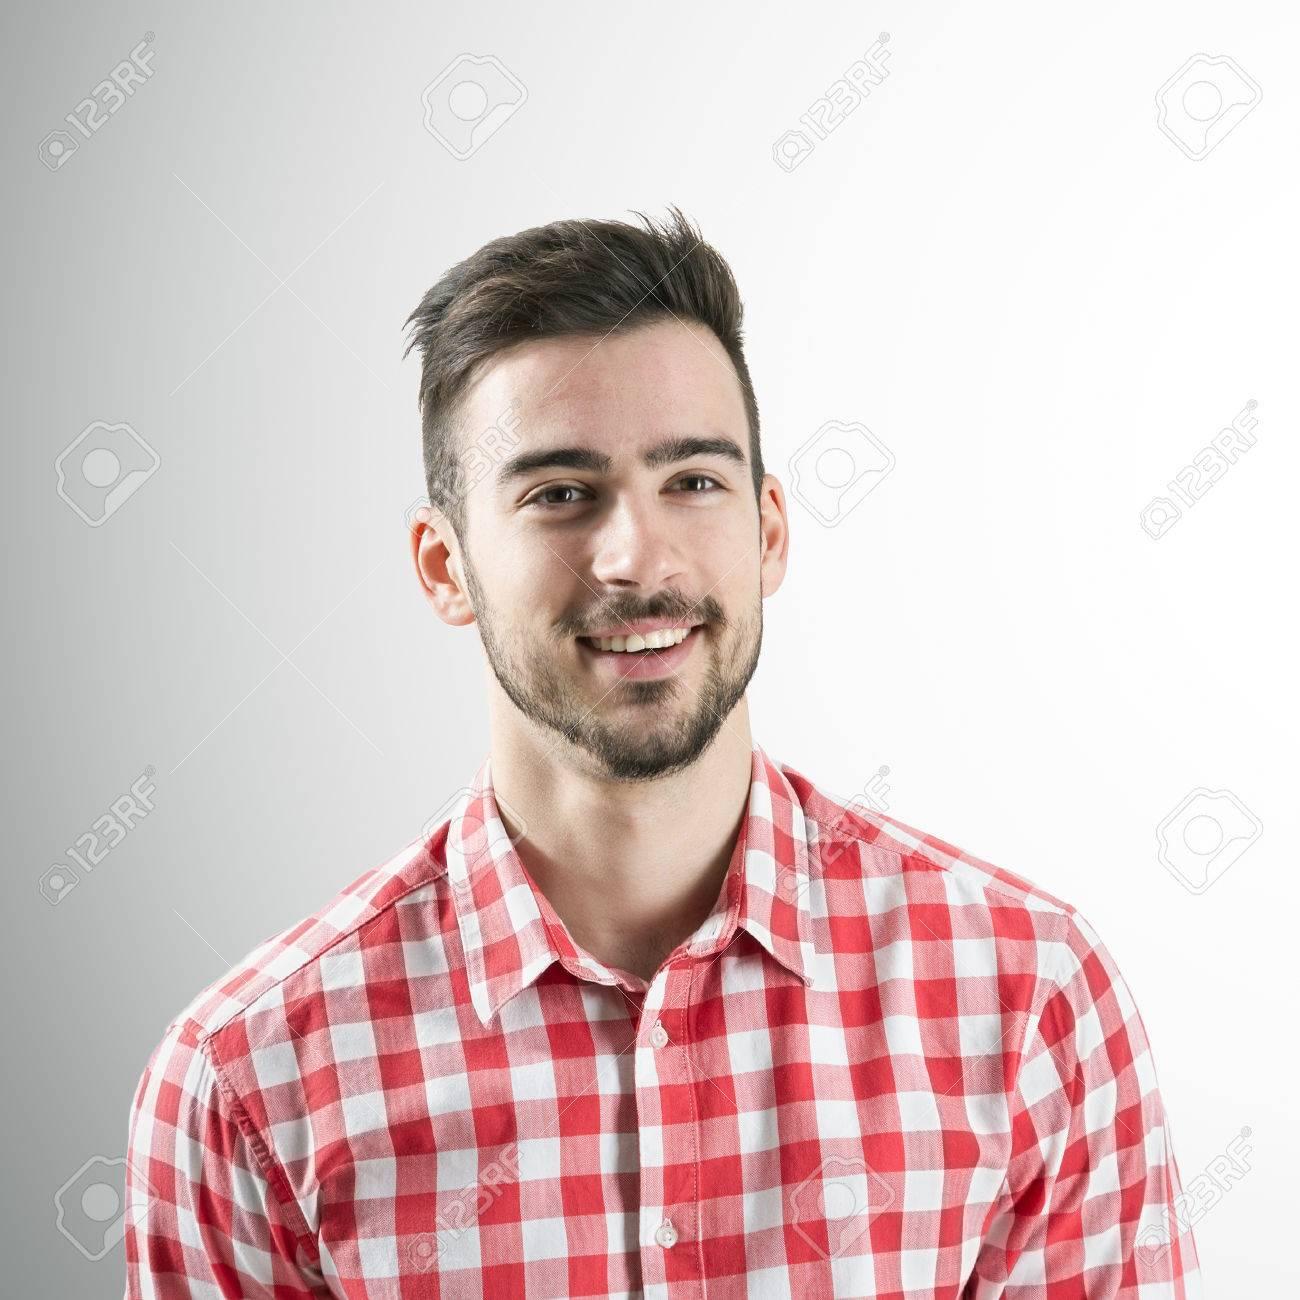 Homme Souriant portrait de jeune homme souriant barbu positif spontanée sur fond